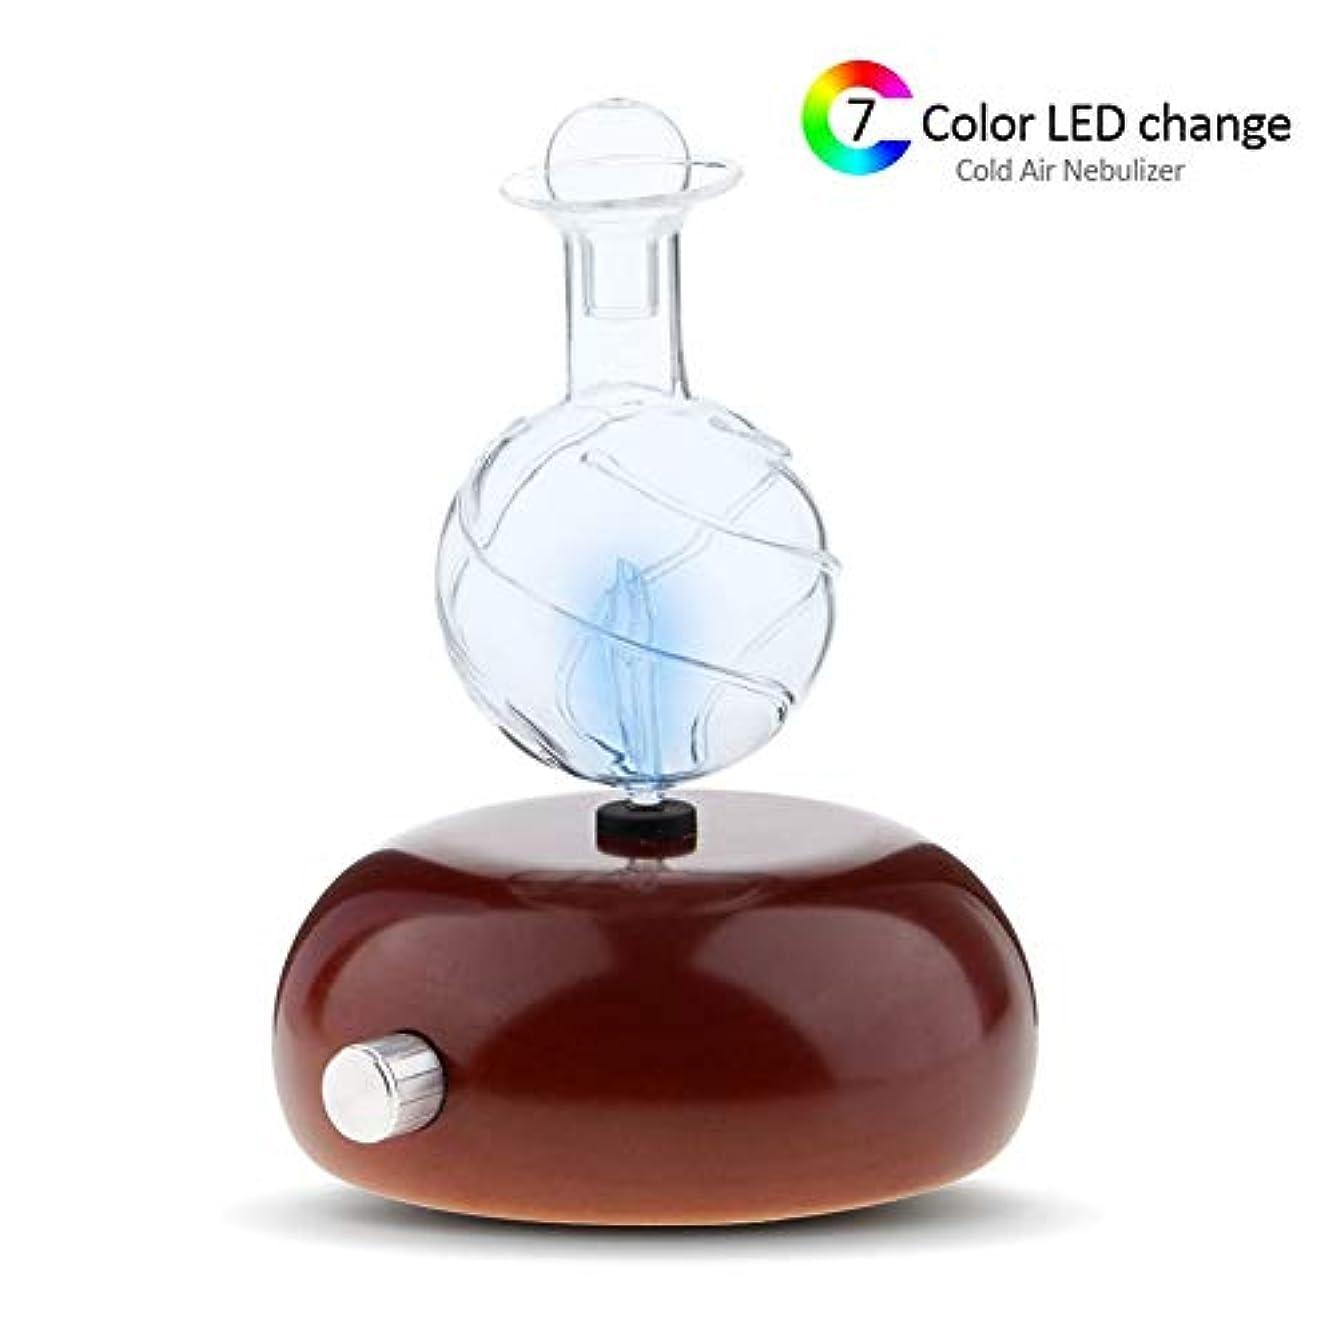 感謝している出費もちろん家庭用エッセンシャルオイルディフューザー、アロマエッセンシャルオイルクールミスト加湿器水なし自動シャットオフおよび7色LEDライト,A